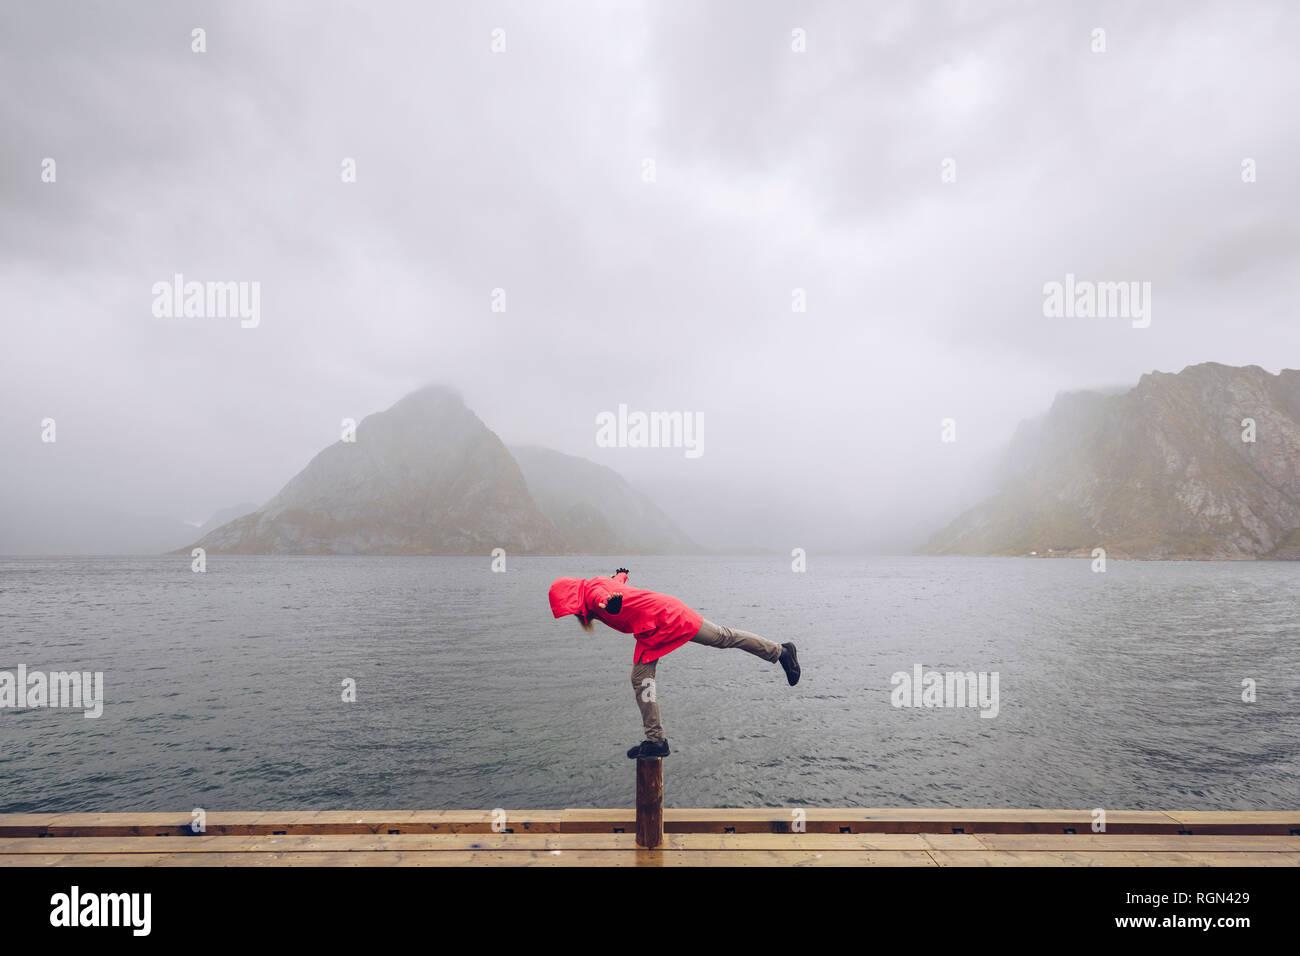 Norway, Lofoten, Hamnoy, man wearing red rain jacket balancing on wooden stake - Stock Image